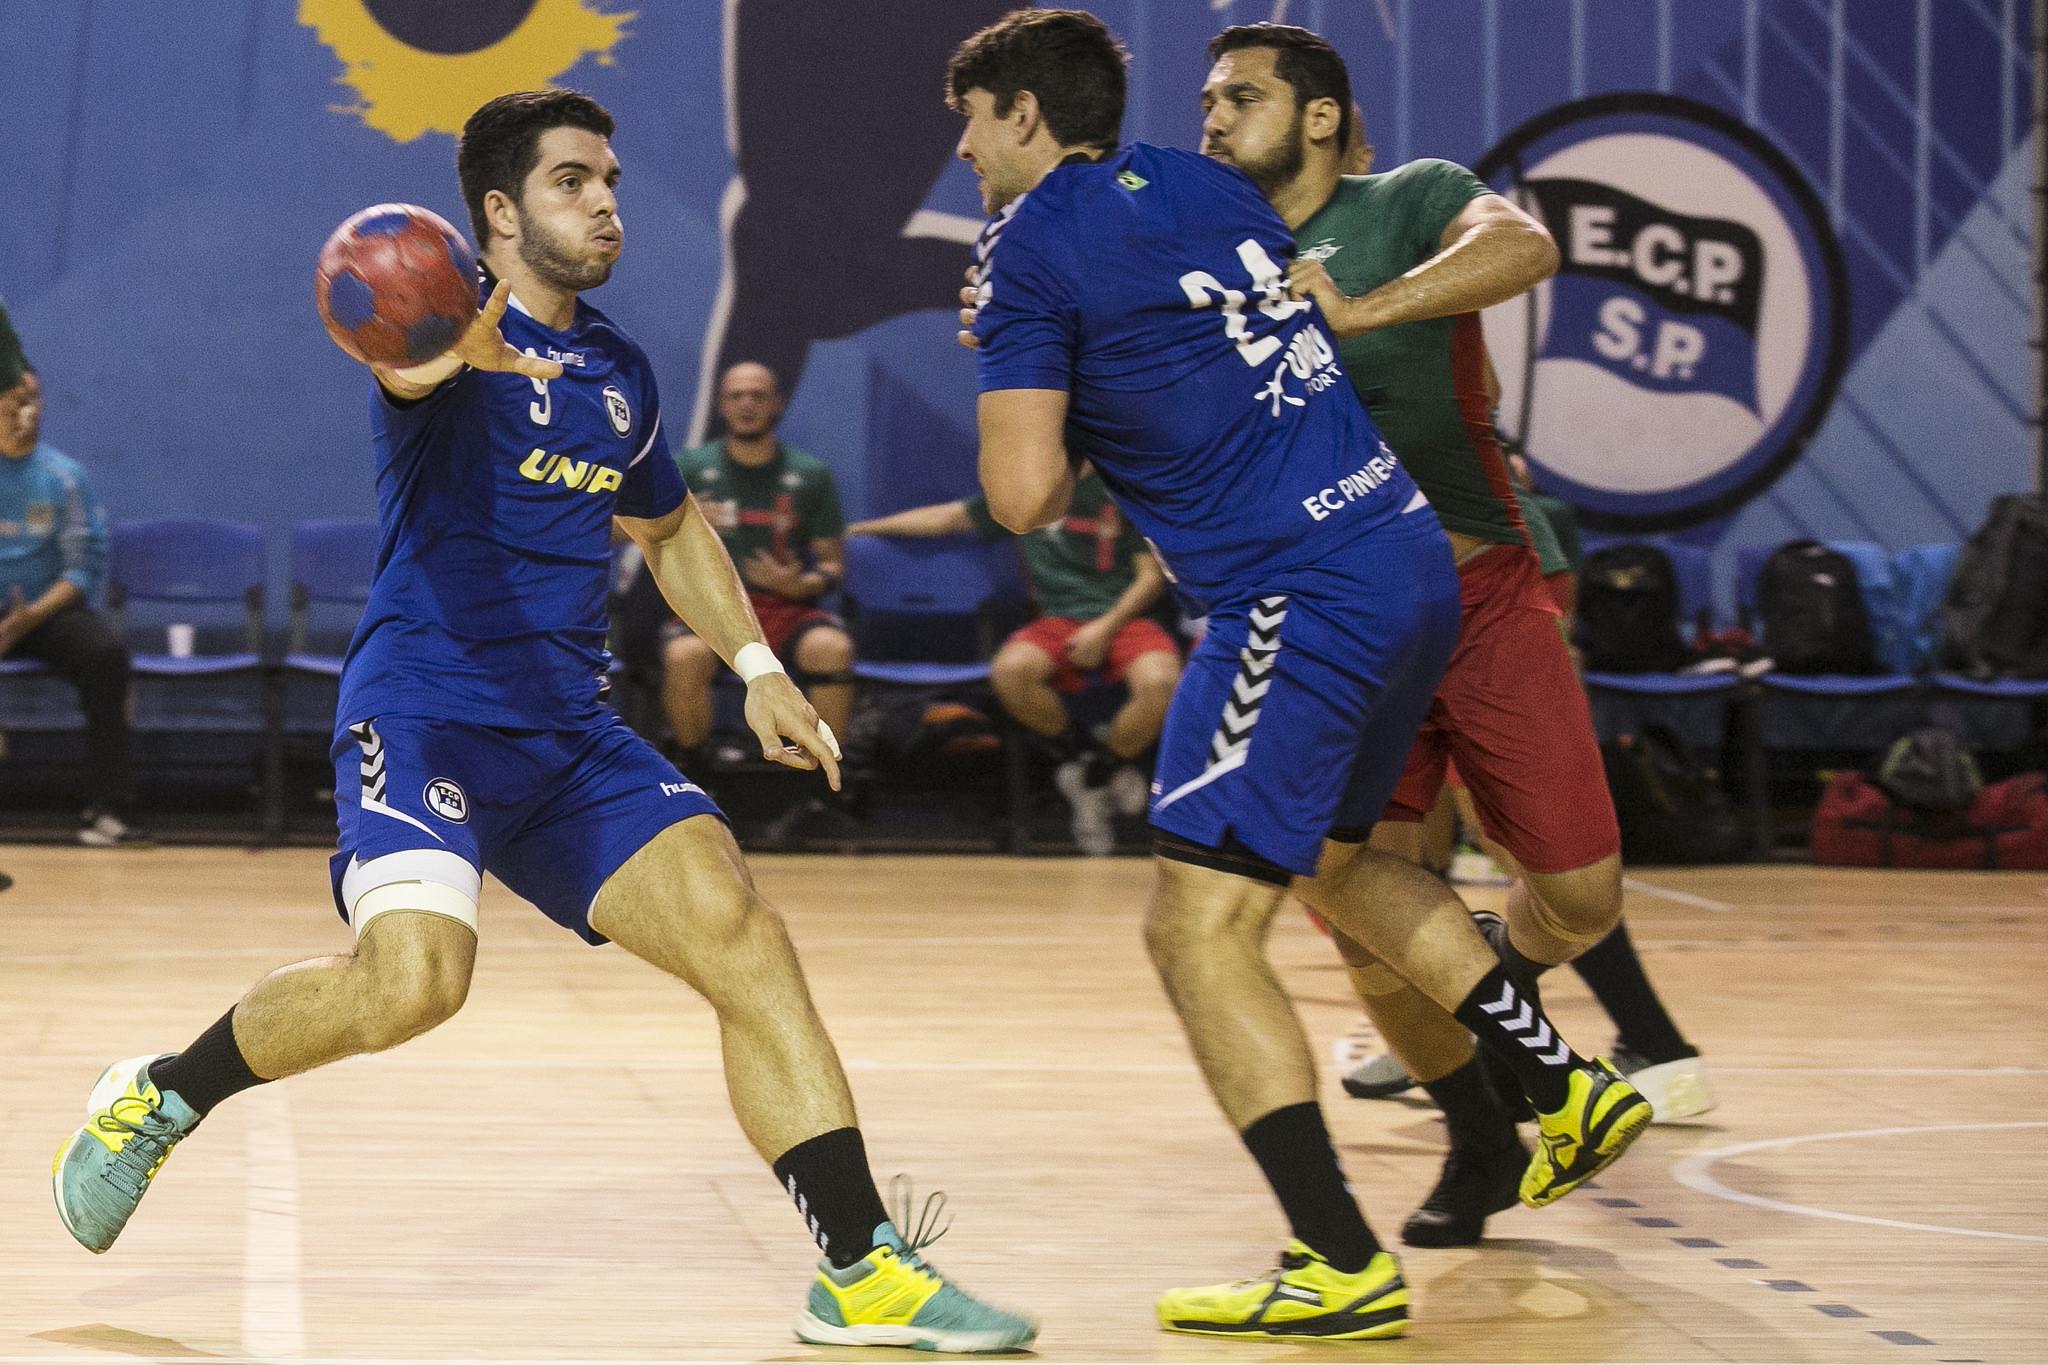 Decisão da Liga Nacional de Handebol será no Pinheiros